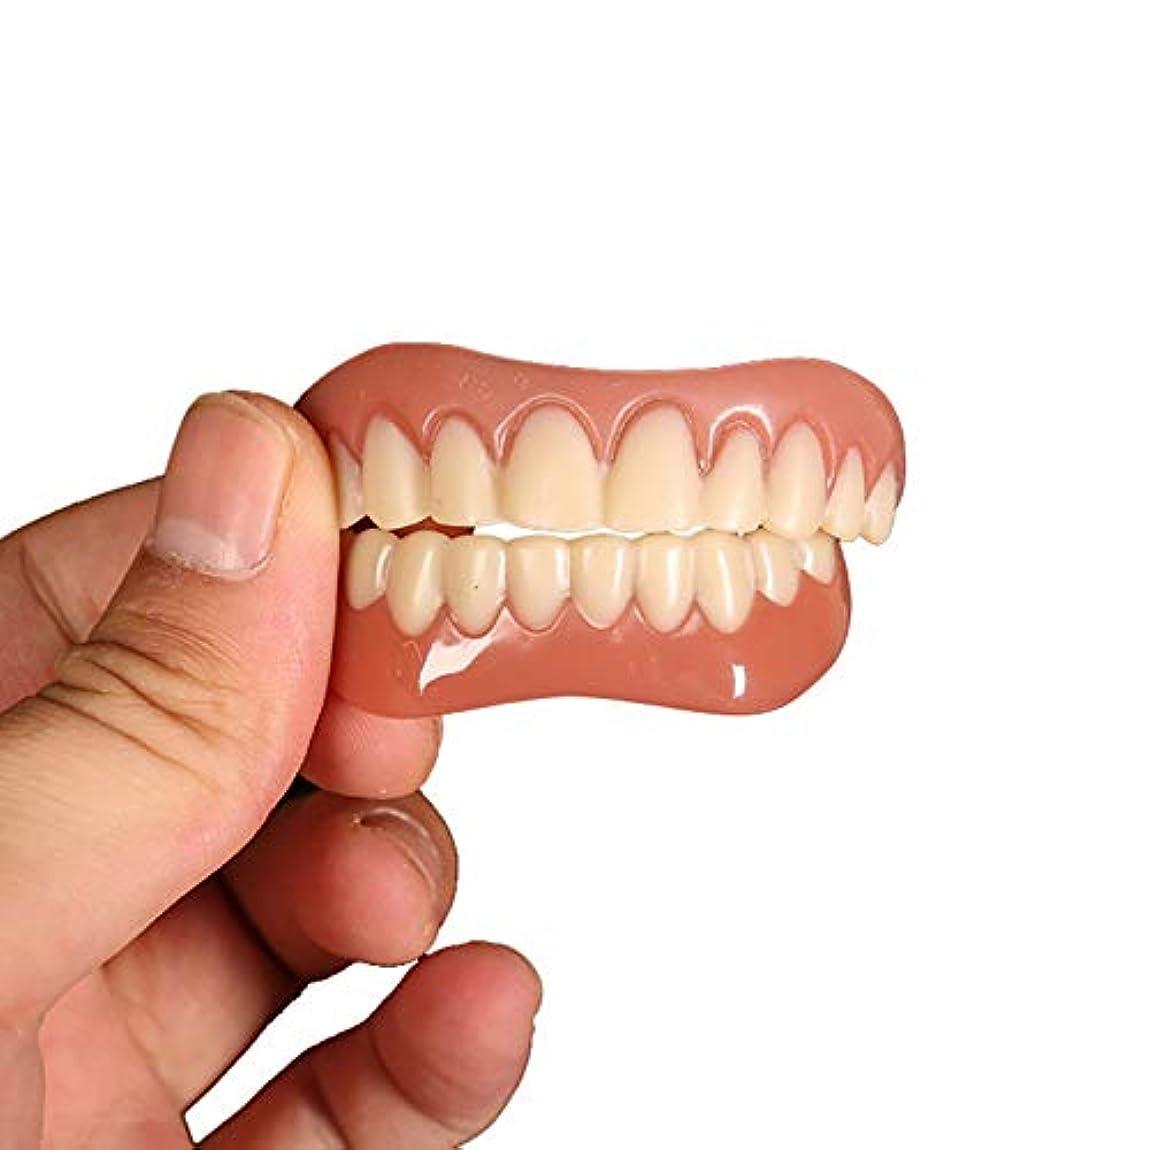 開梱この外交歯科用化粧板の快適さフィット歯の上部と底部化粧品の化粧板単サイズはすべての義歯接着剤の歯に入れます偽の義歯歯の笑顔